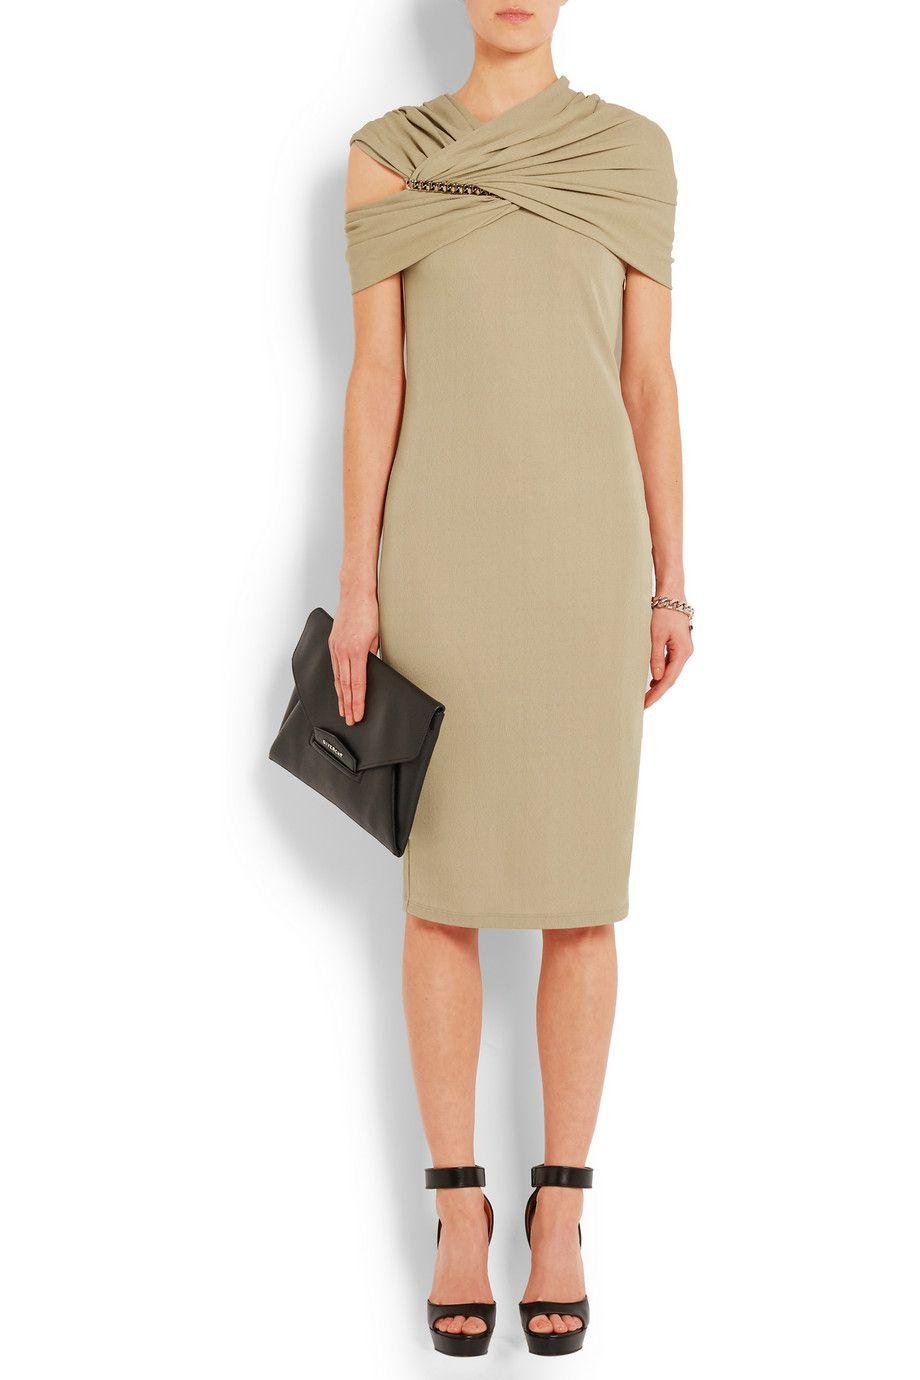 Embellished dress Givenchy Yfzu7qG6oZ